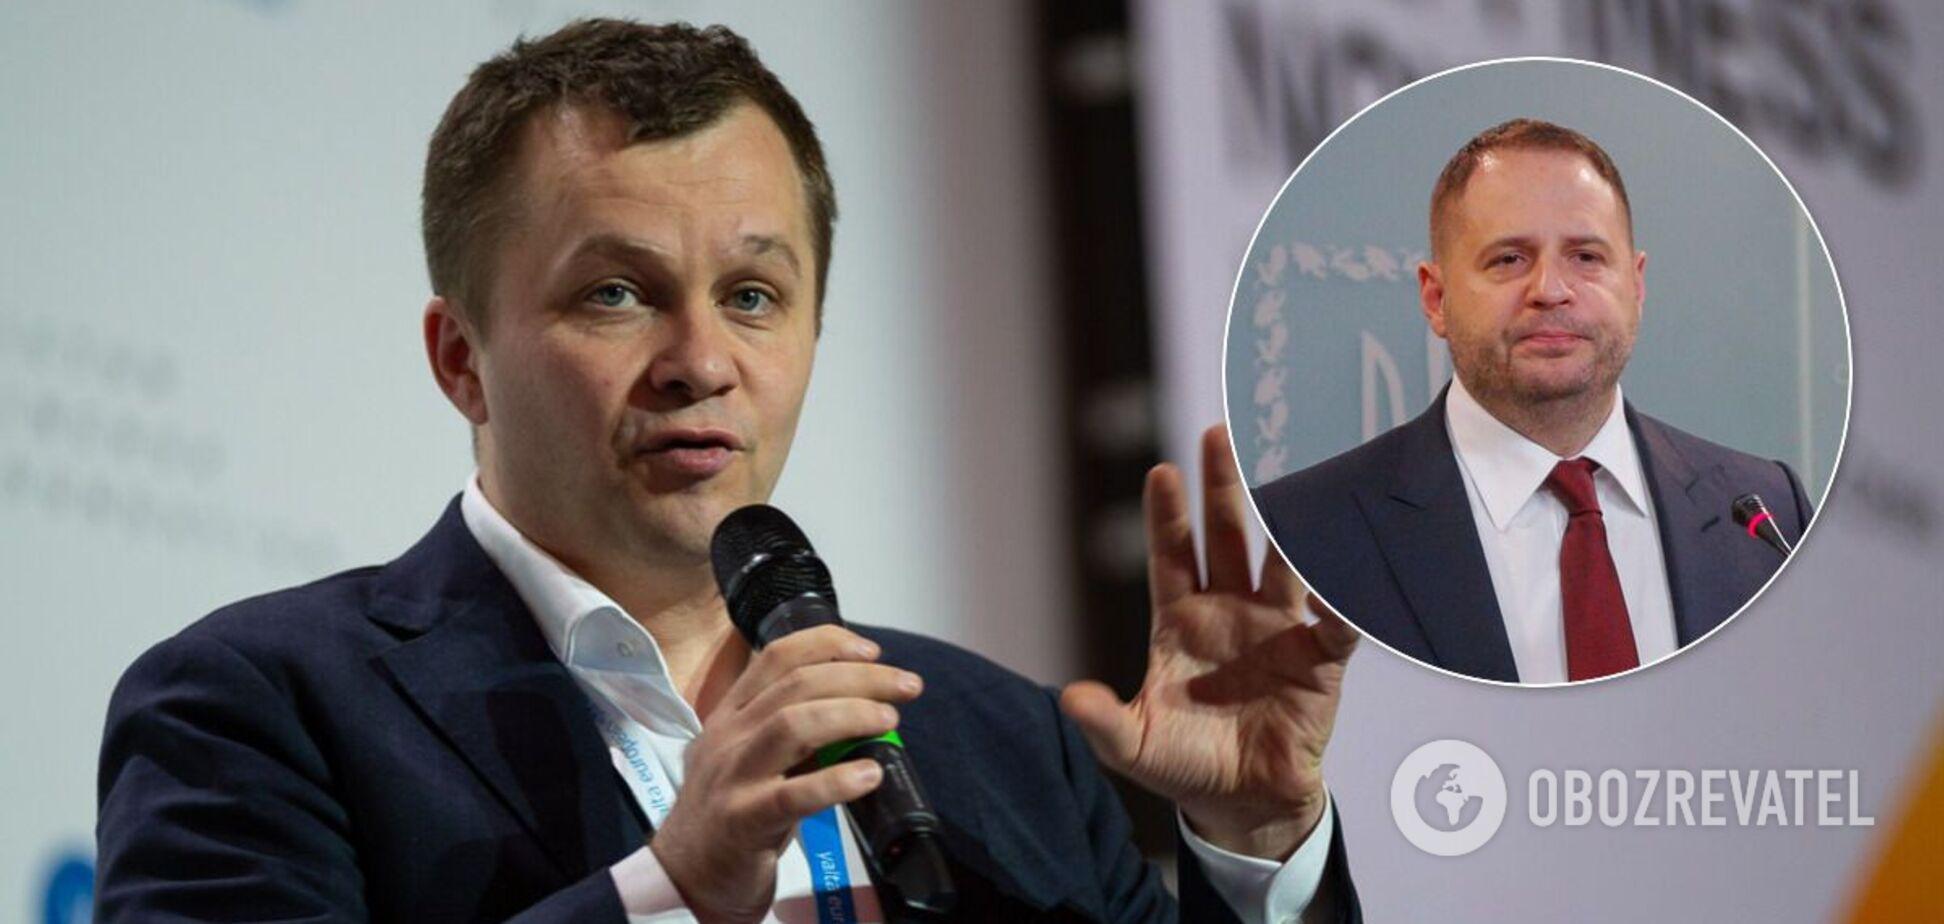 Милованов – внештатный советник Ермака